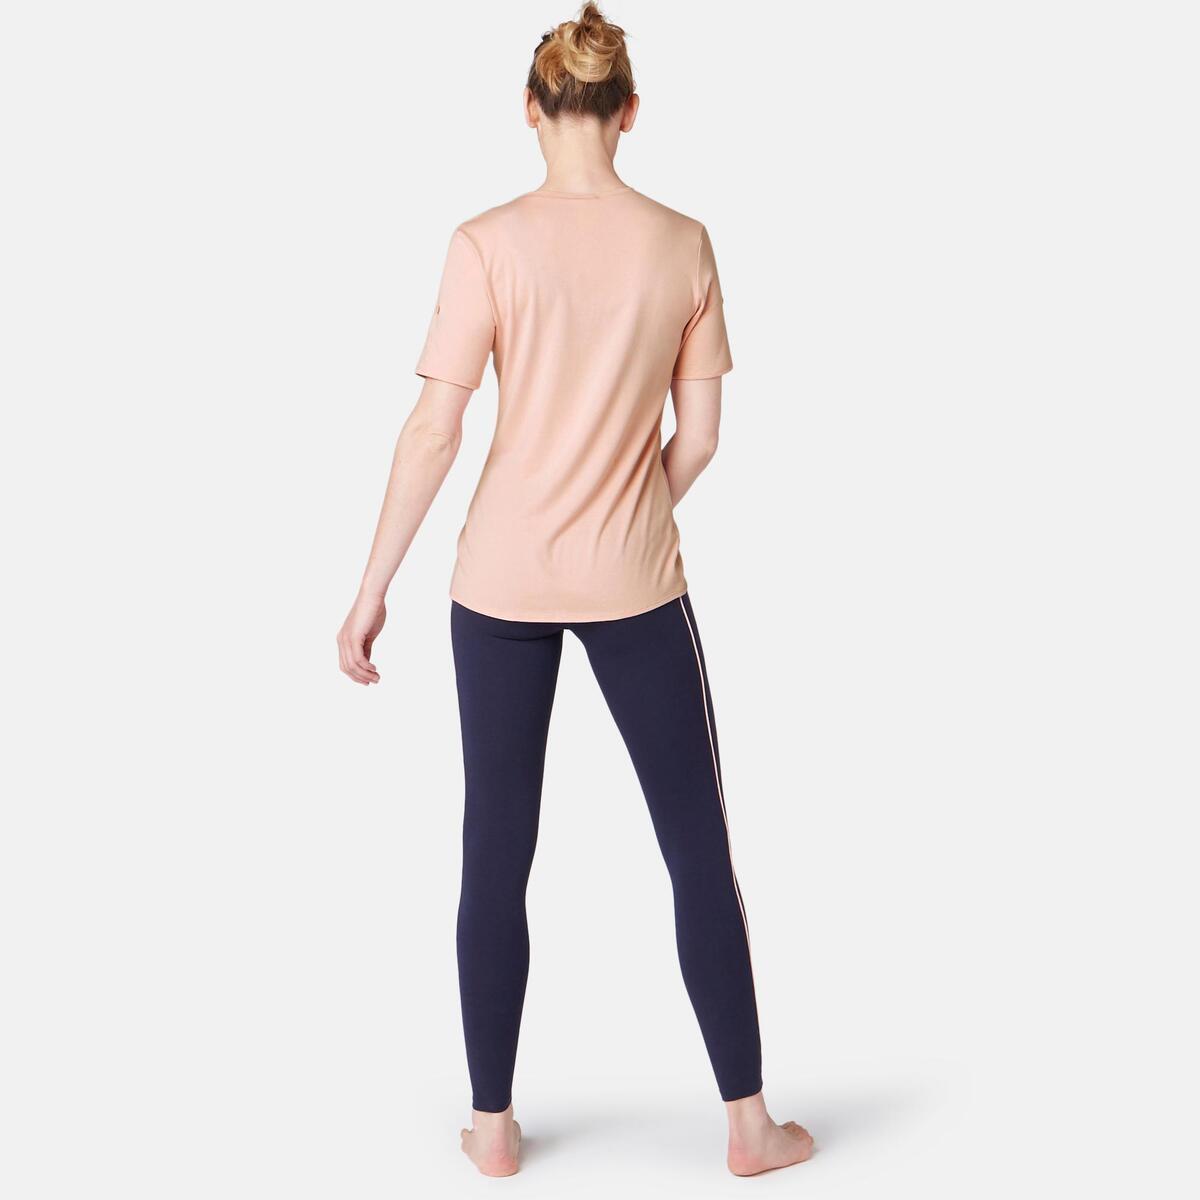 Bild 5 von T-Shirt Regular 510 Pilates sanfte Gym Damen rosa mit Print